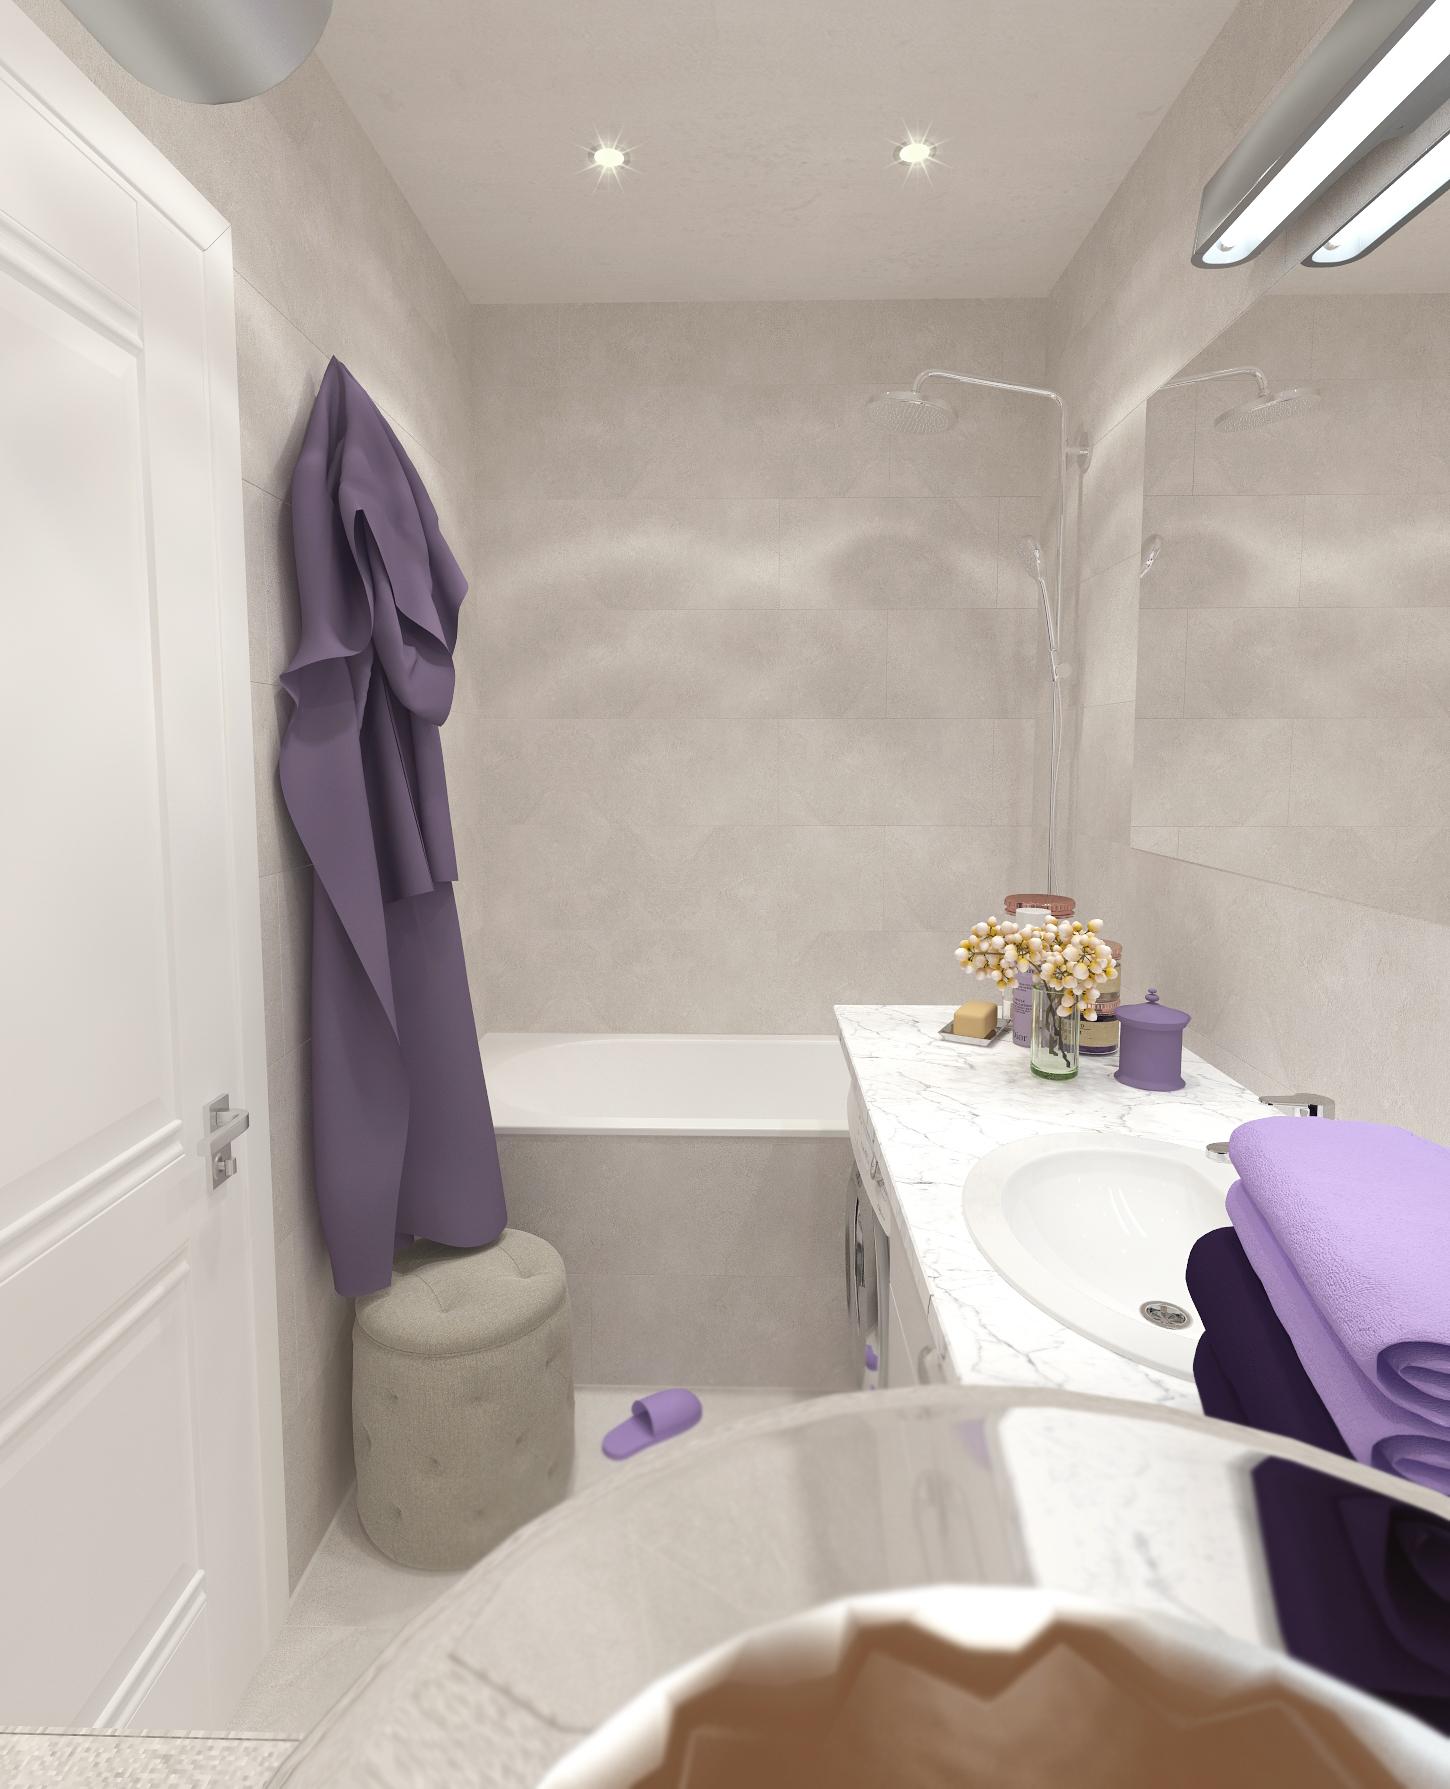 Ванная комната 3 (3)